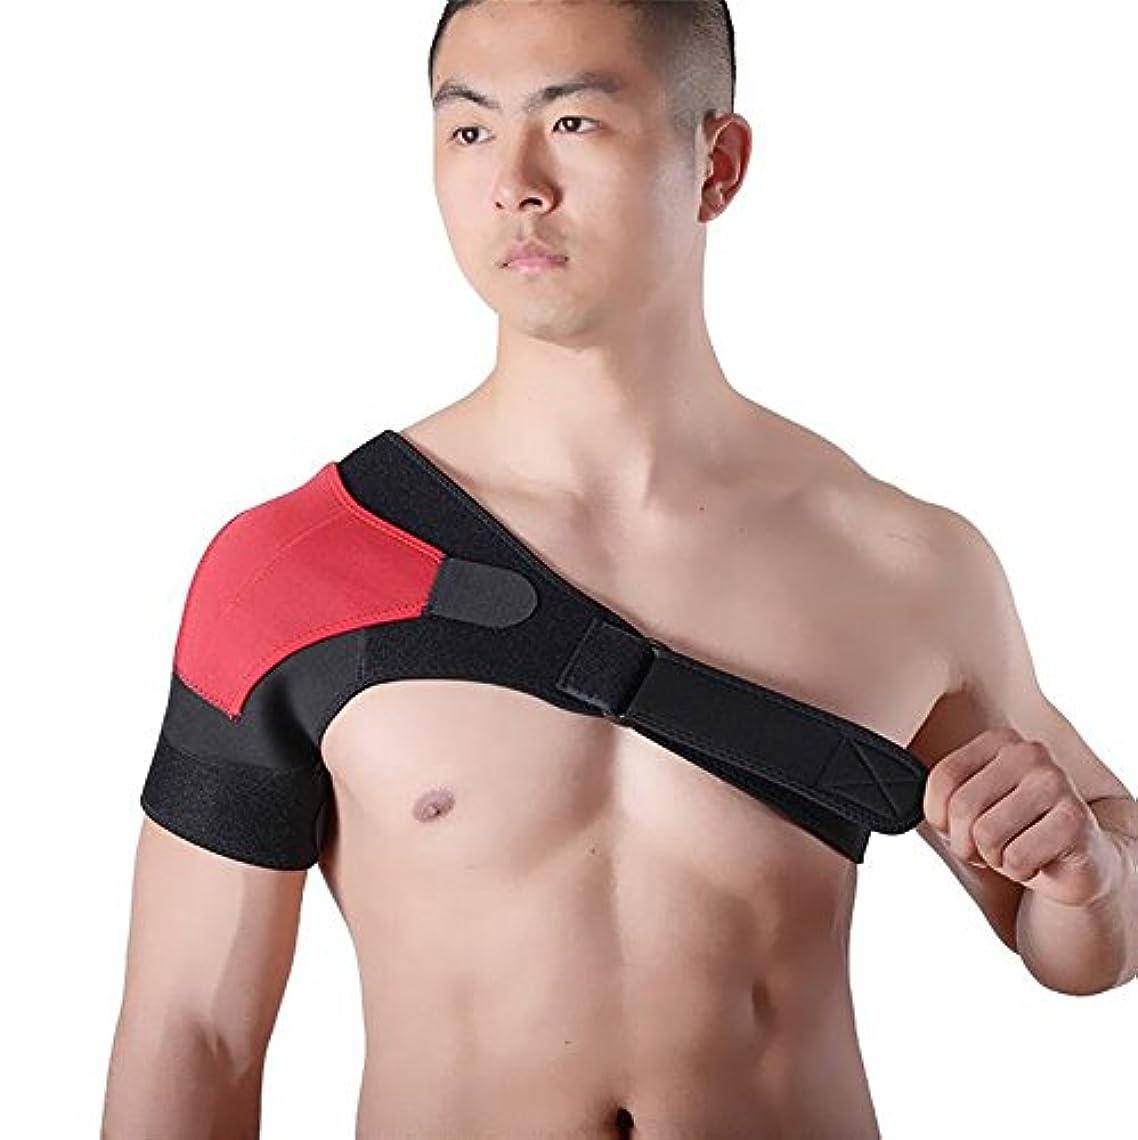 刈り取るガイダンス消えるZSZBACE 肩サポーター 右肩 左肩 肩 肩固定 けが 防止 マジック テープ式 男女兼用 簡単装着 (右肩用, レッド)